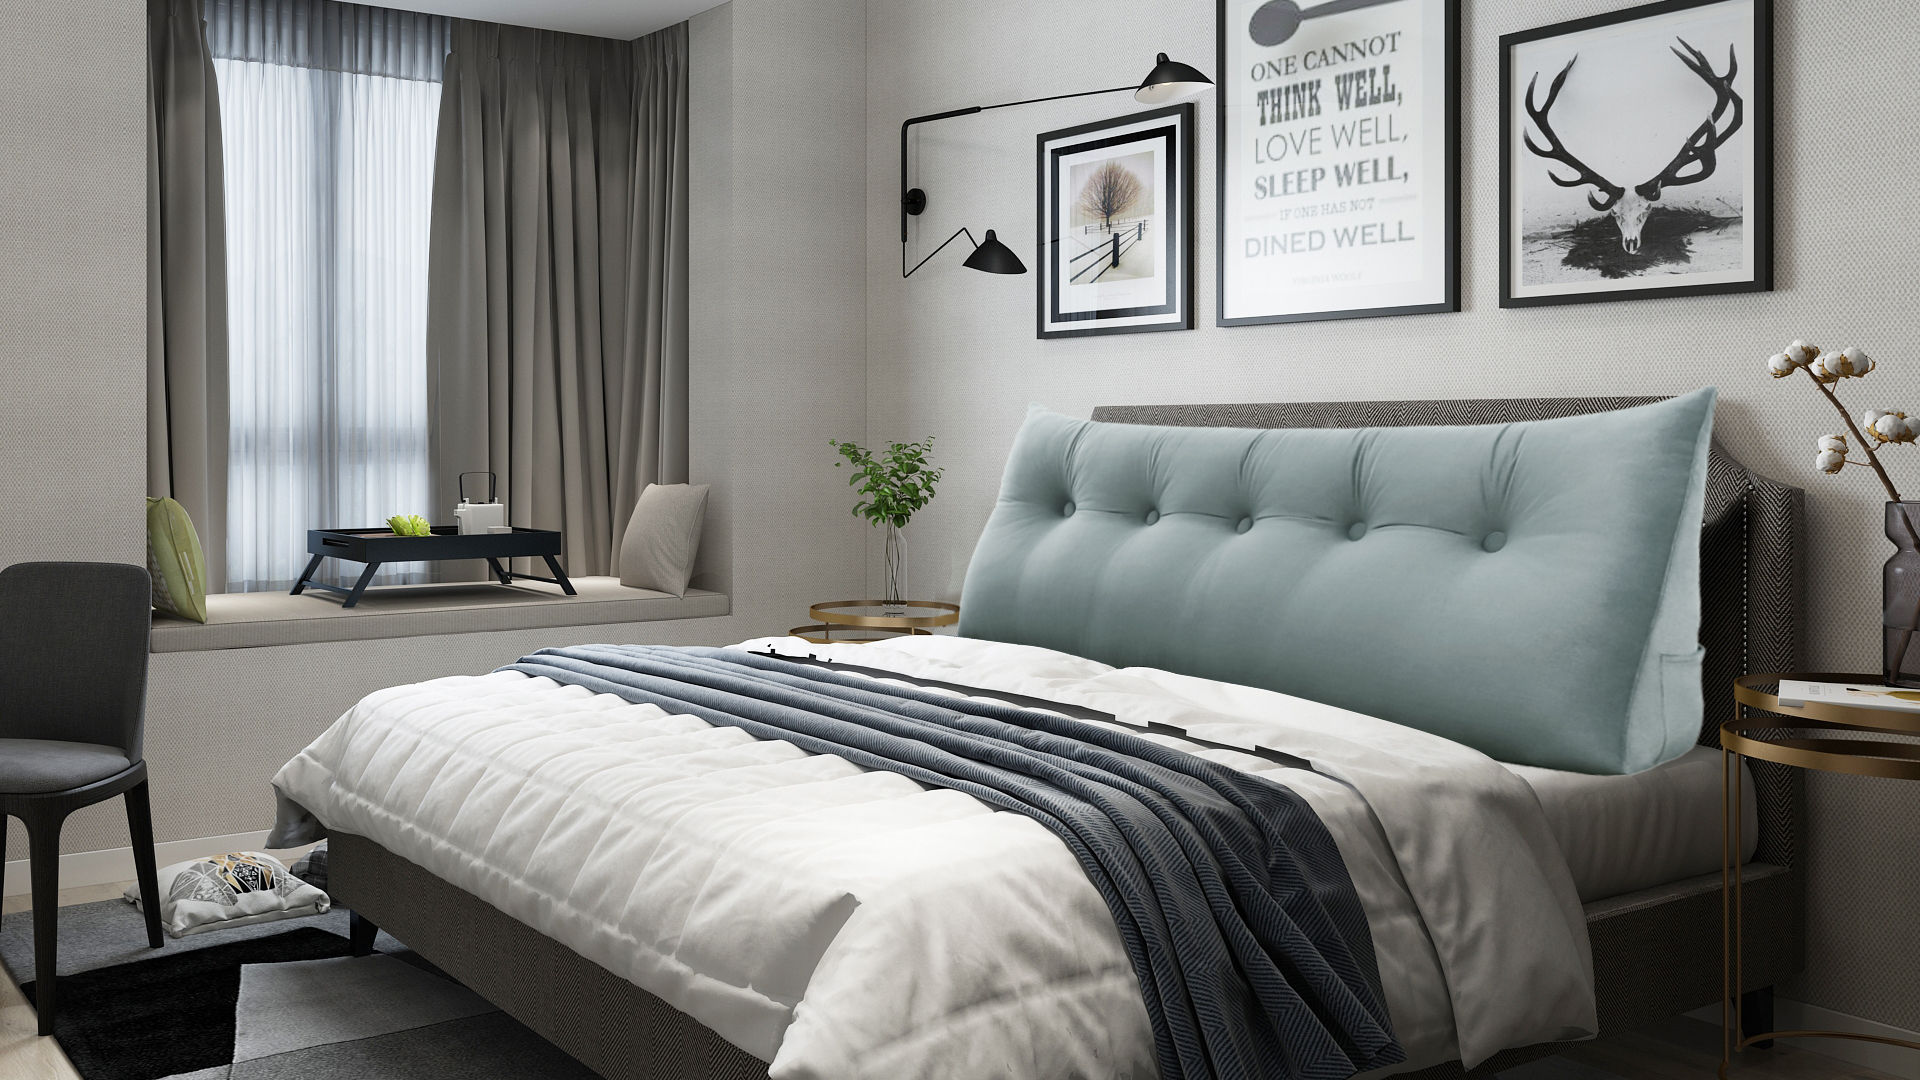 A1Yh5 kymoL VERCART Reflux Kissen lagerungskissen Erwachsene Schlaf Kissen Polster für Sofas wandpolsterung lordosekissen Bett…